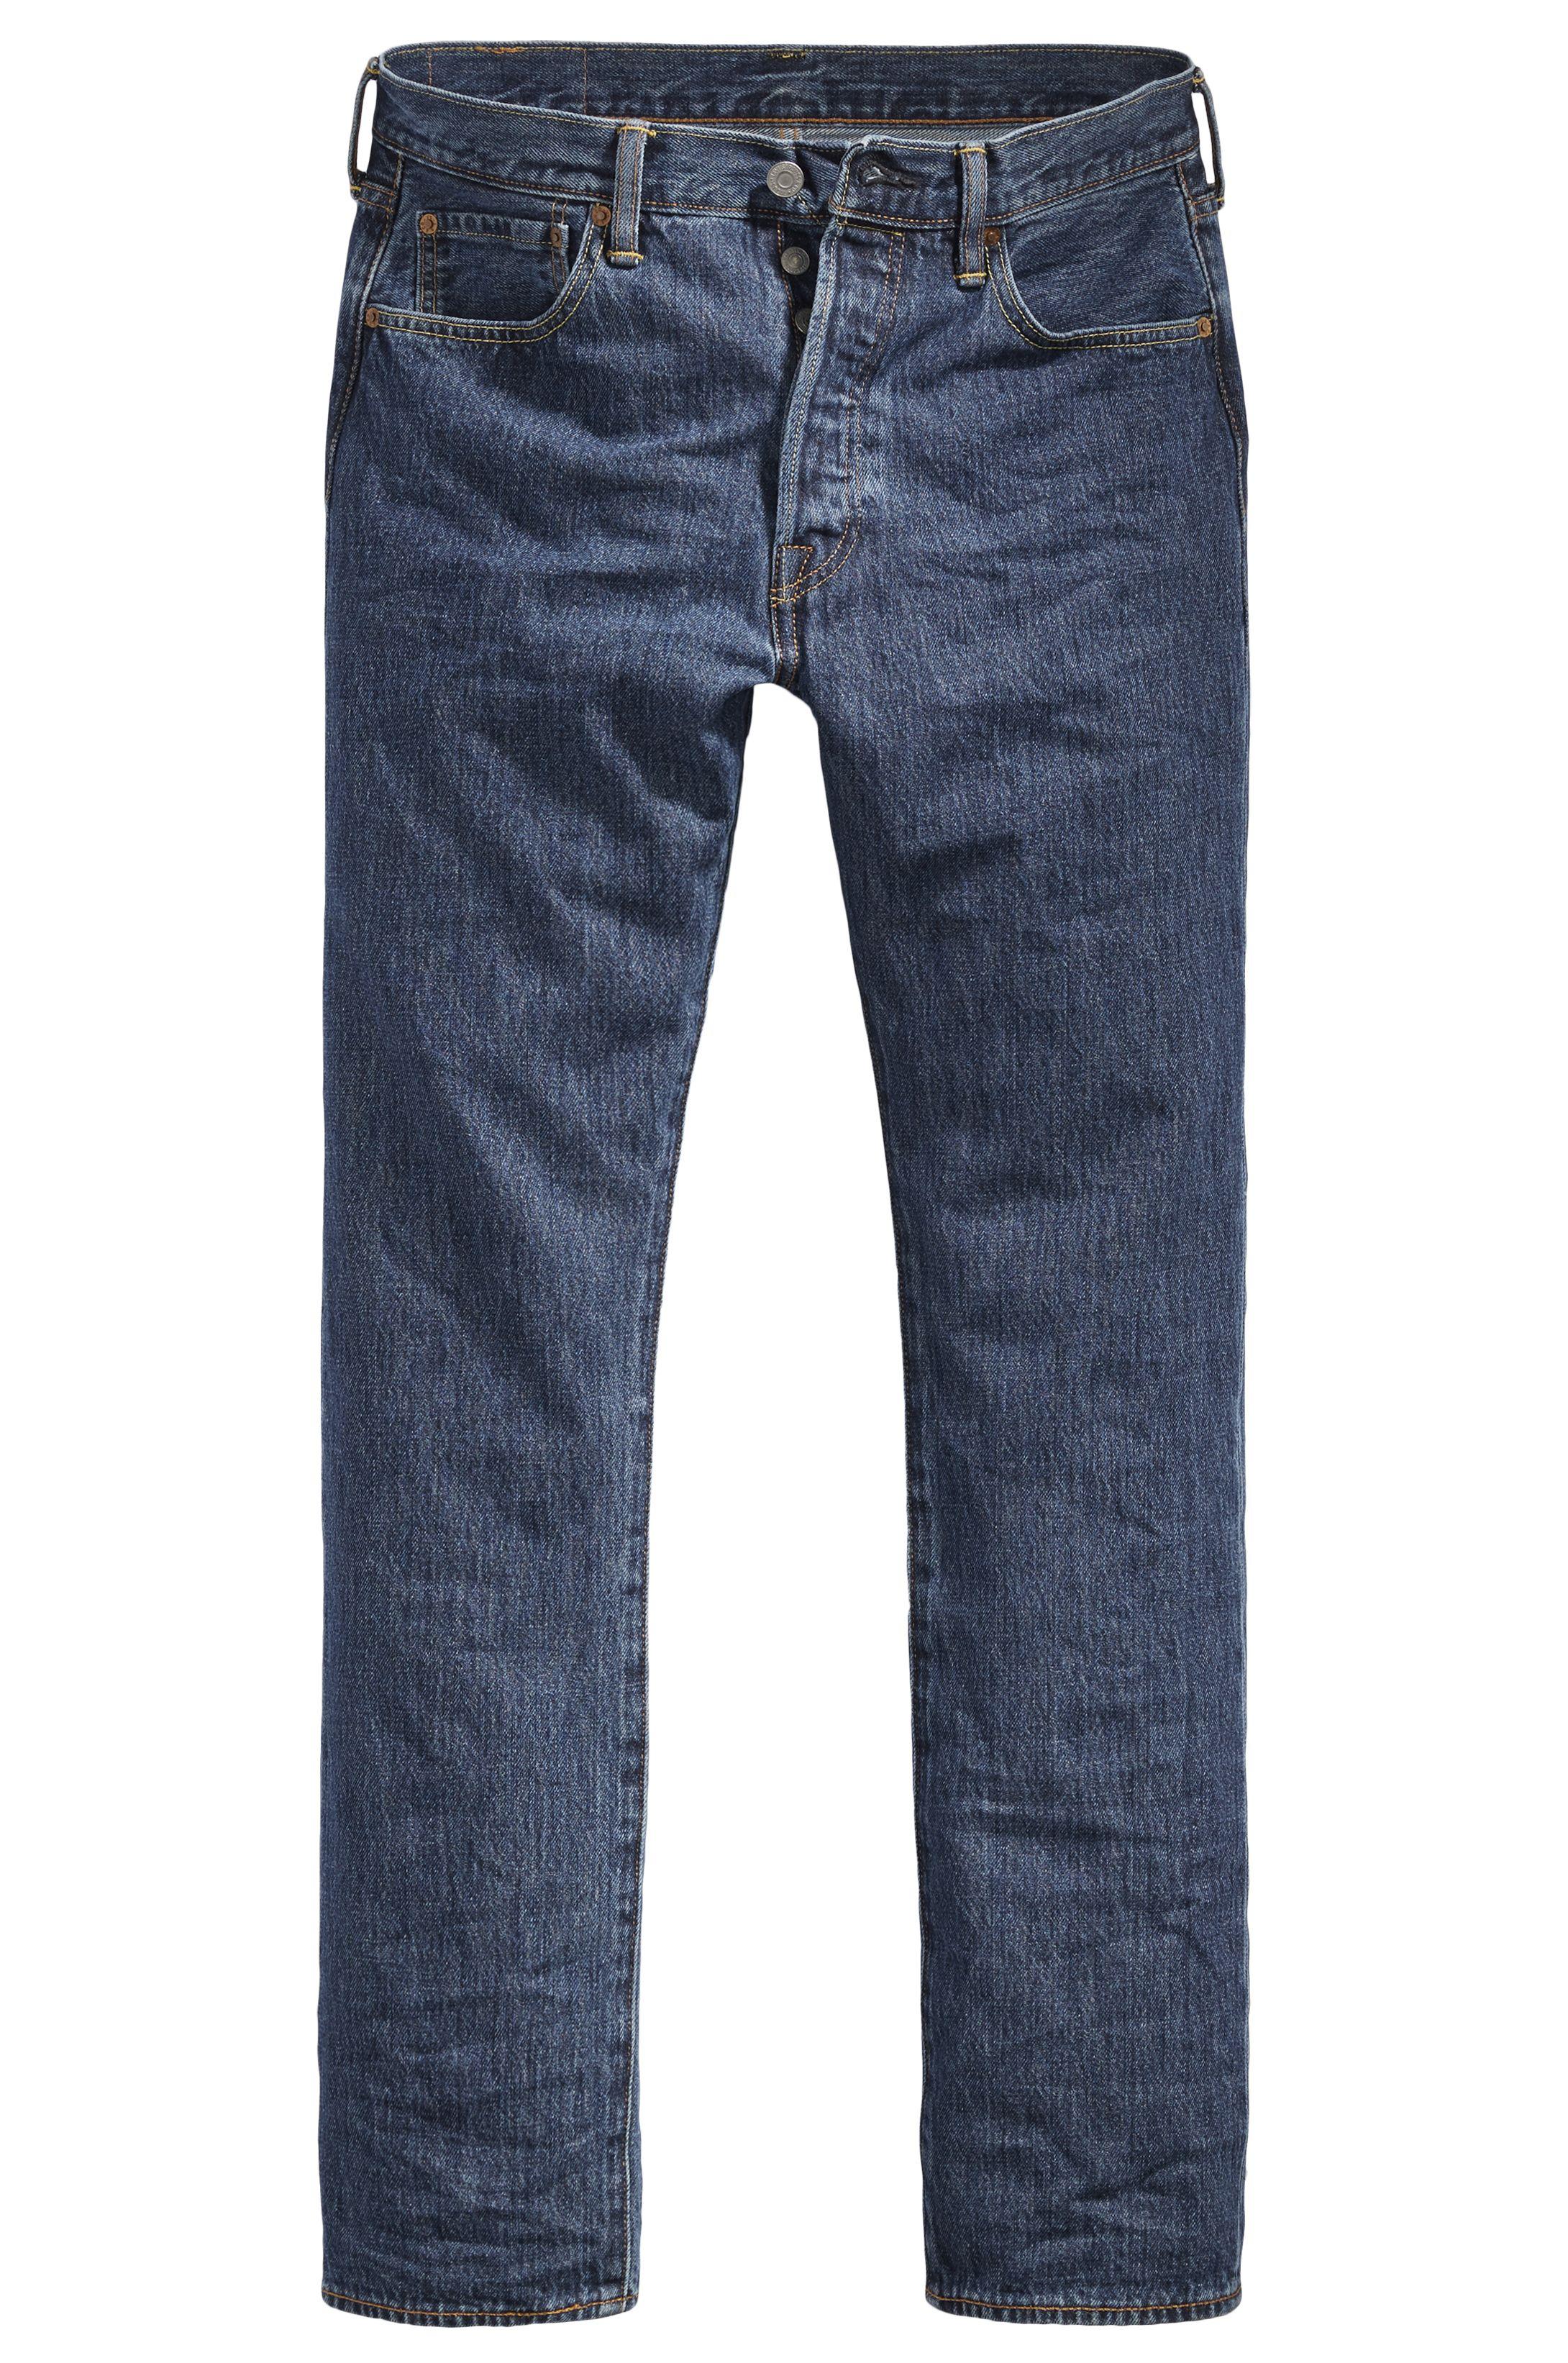 Levis Pant Jeans 501 LEVI?S ORIGINAL Stonewash 80684